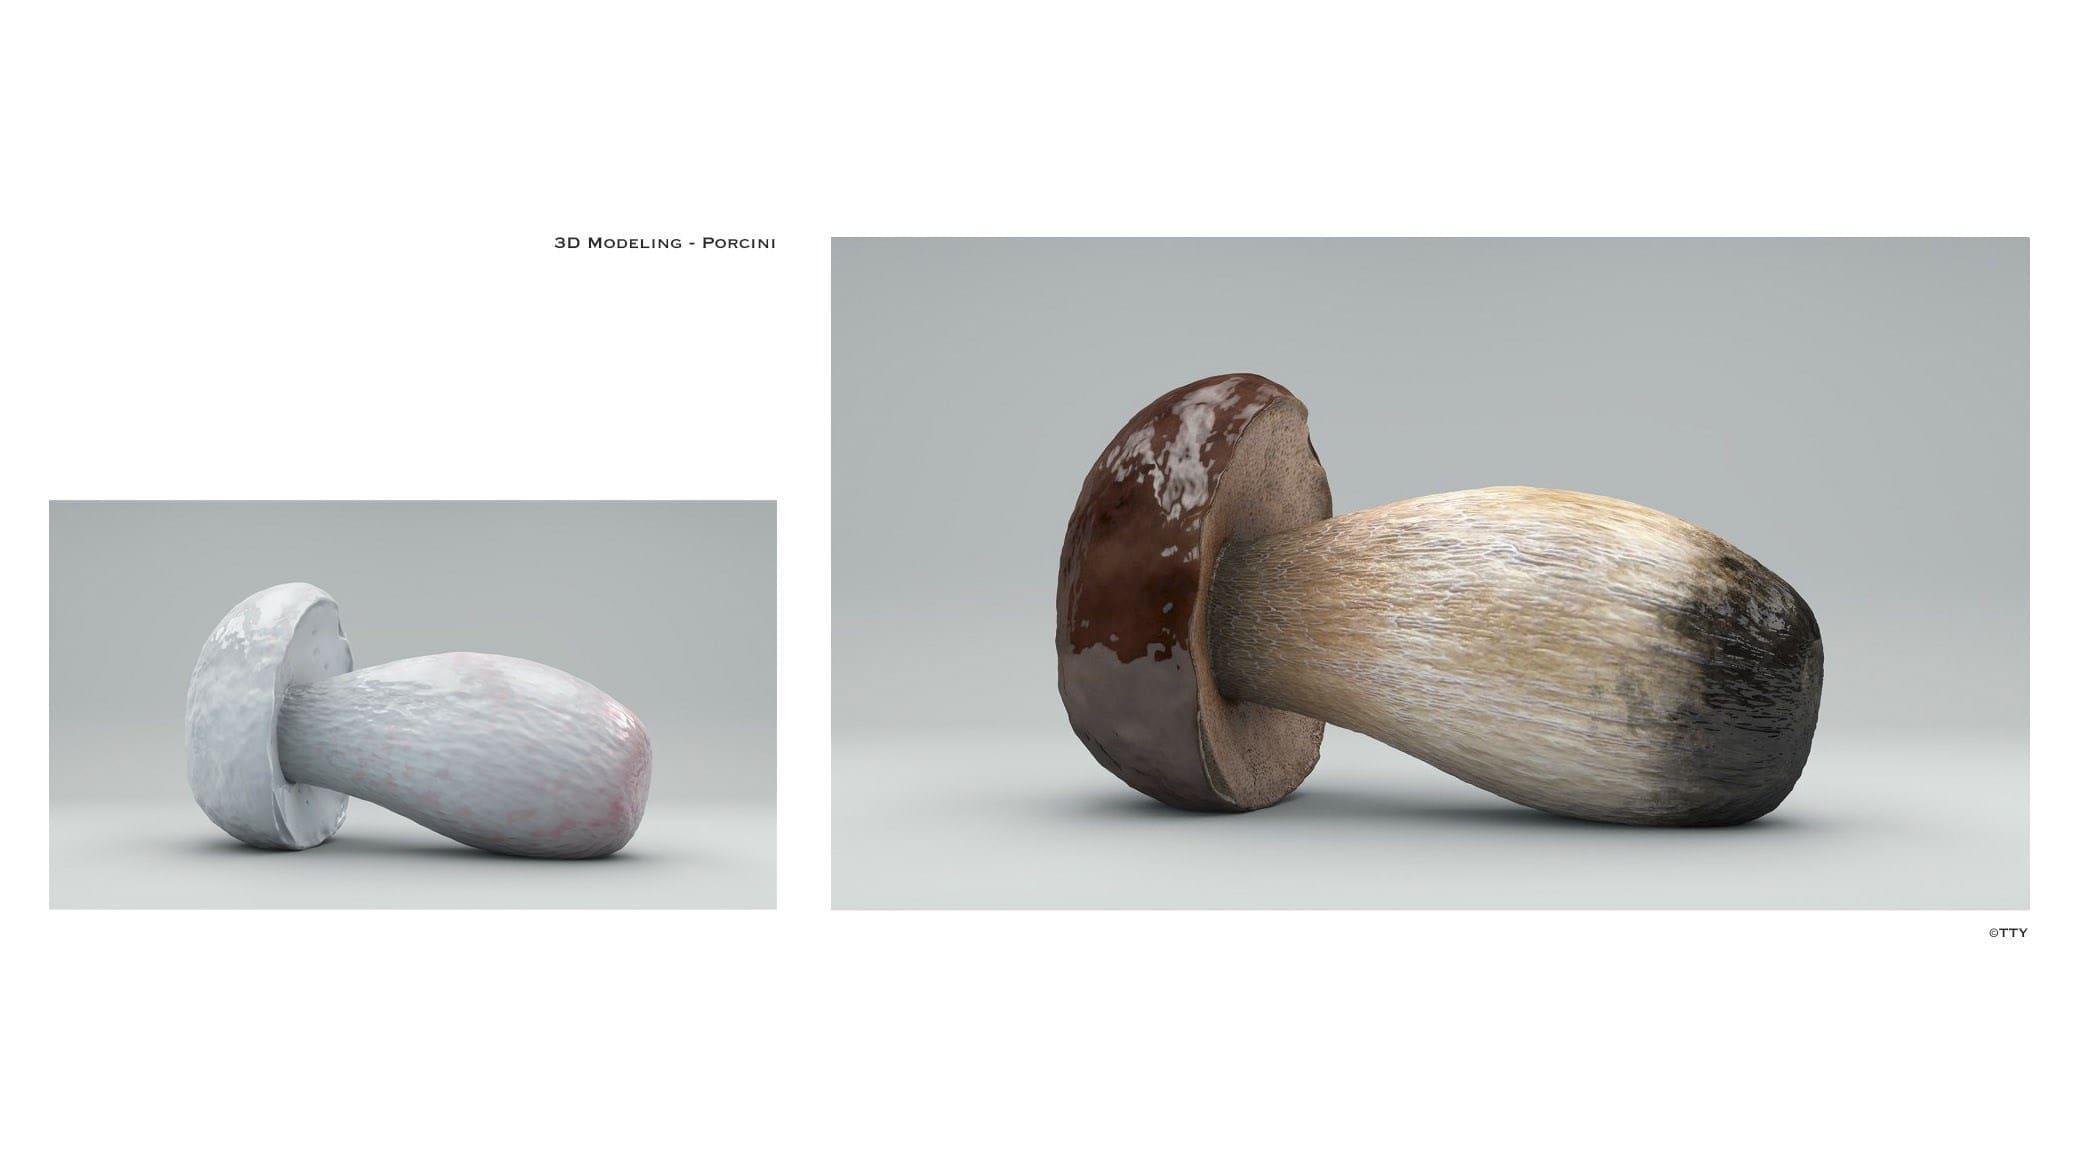 original_TTY-3D-Modeling-Porcini.jpg